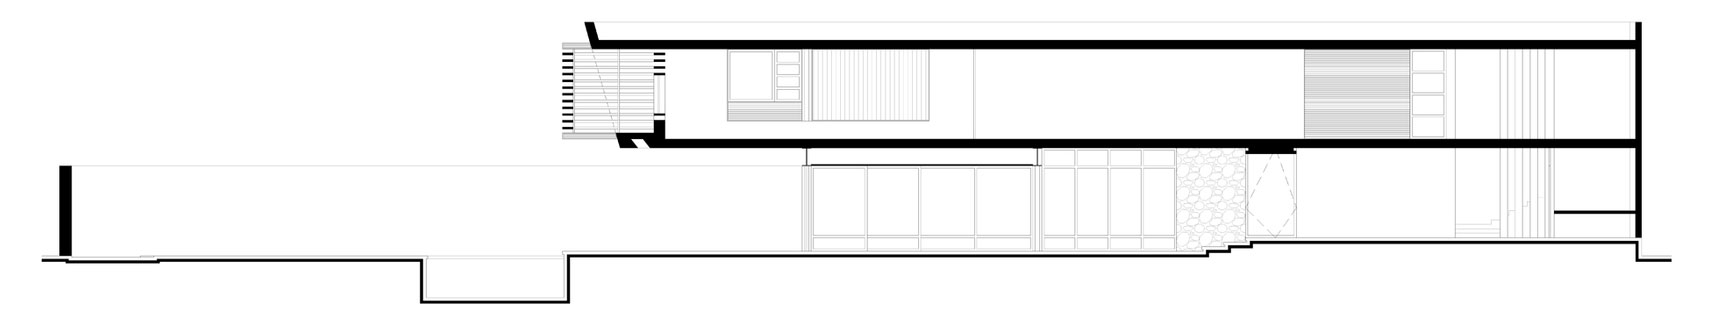 Temozon-House-23